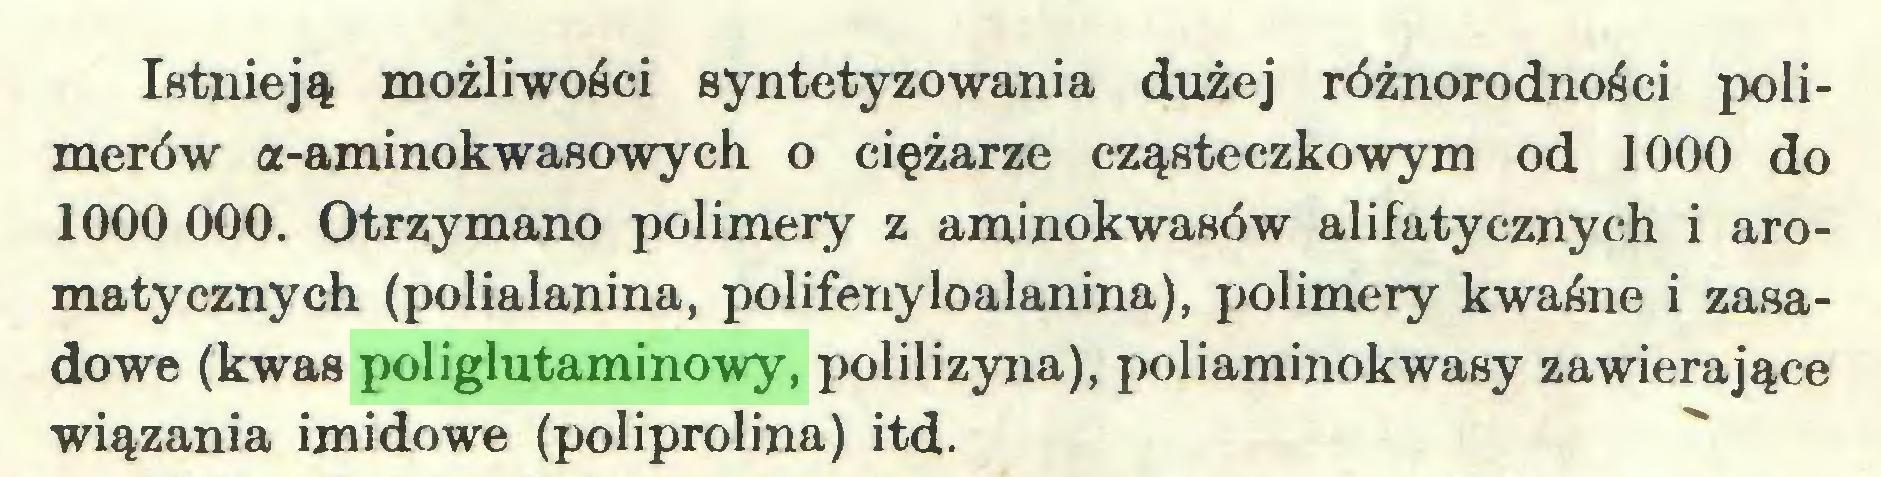 (...) Istnieją możliwości syntetyzowania dużej różnorodności polimerów a-aminokwasowych o ciężarze cząsteczkowym od 1000 do 1000 000. Otrzymano polimery z aminokwasów alifatycznych i aromatycznych (polialanina, polifenyloalanina), polimery kwaśne i zasadowe (kwas poliglutaminowy, polilizyna), poliaminokwasy zawierające wiązania imidowe (poliprolina) itd...